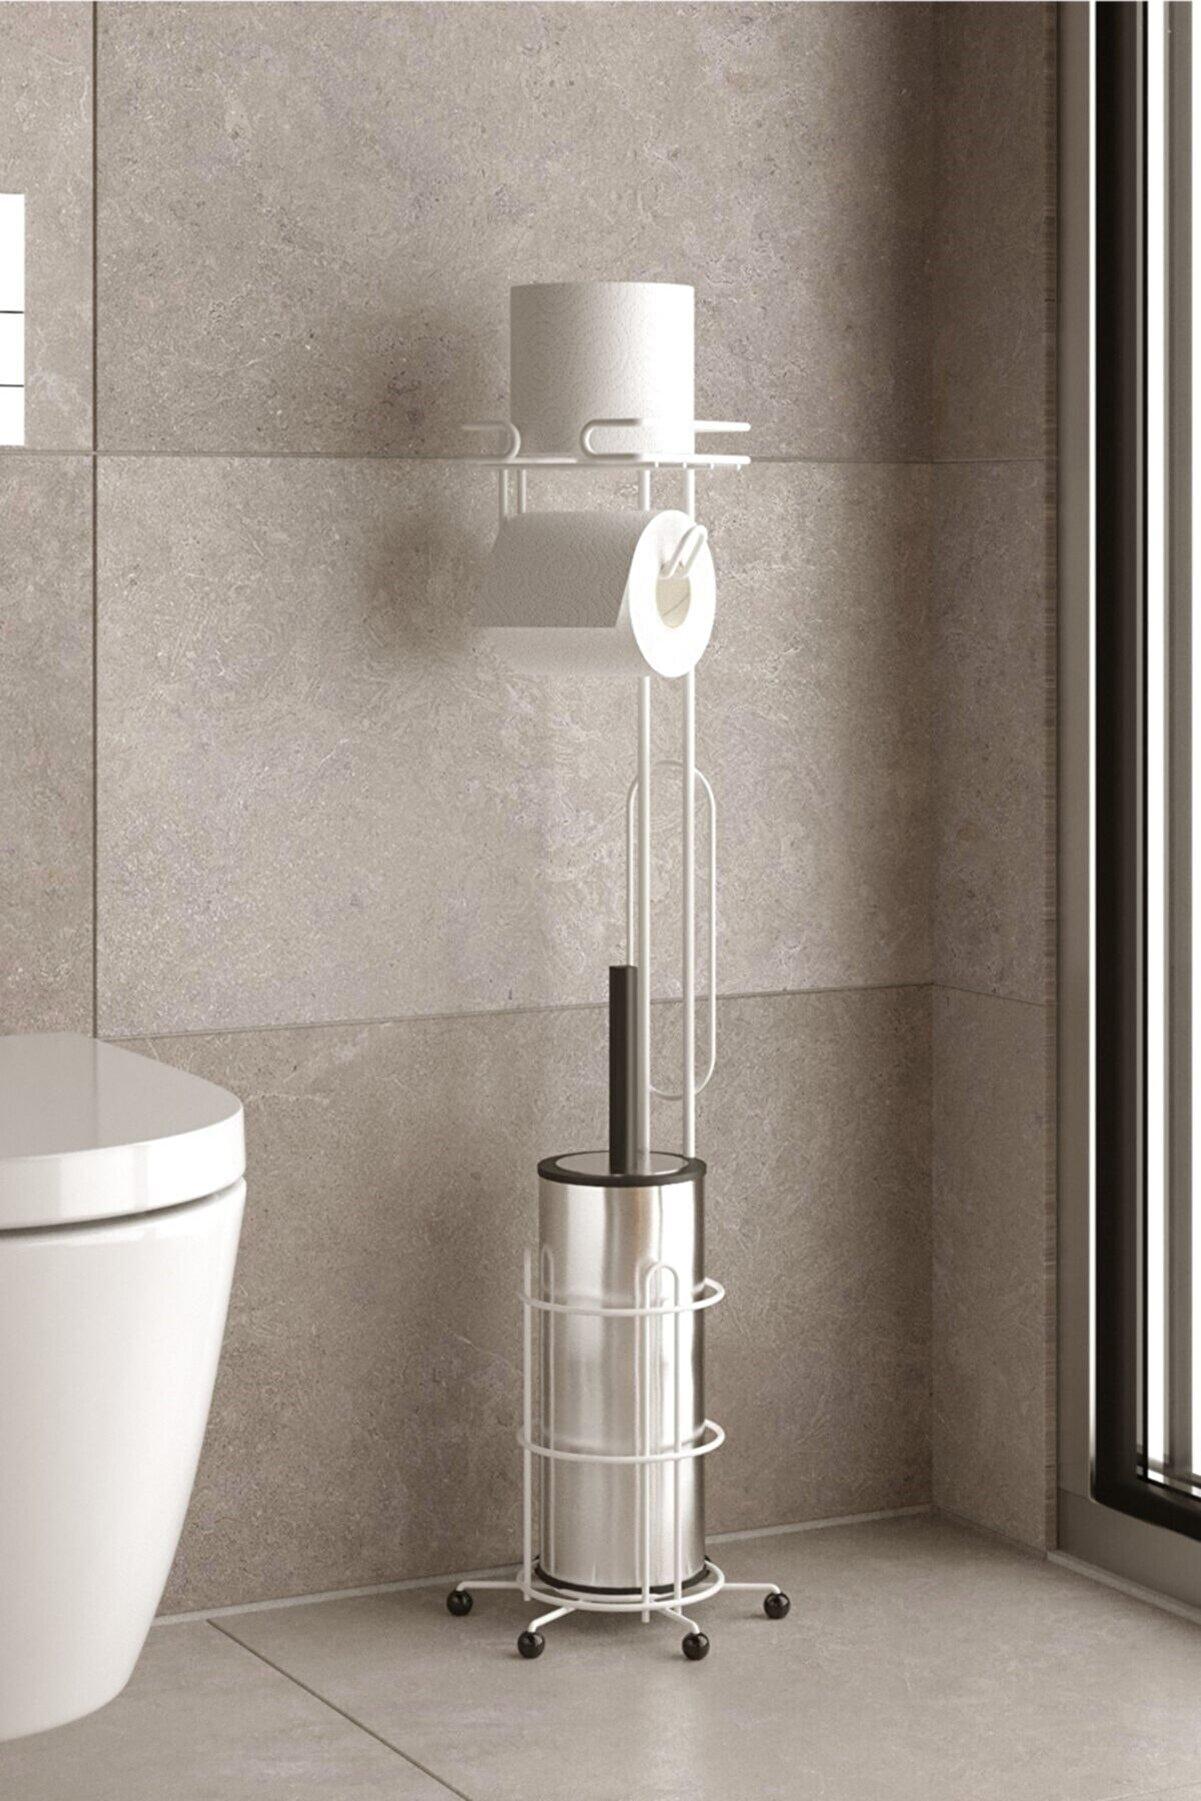 Teknotel Ayaklı Tuvalet Fırçası Ve Yedekli Tuvalet Kağıtlık Beyaz Mg096